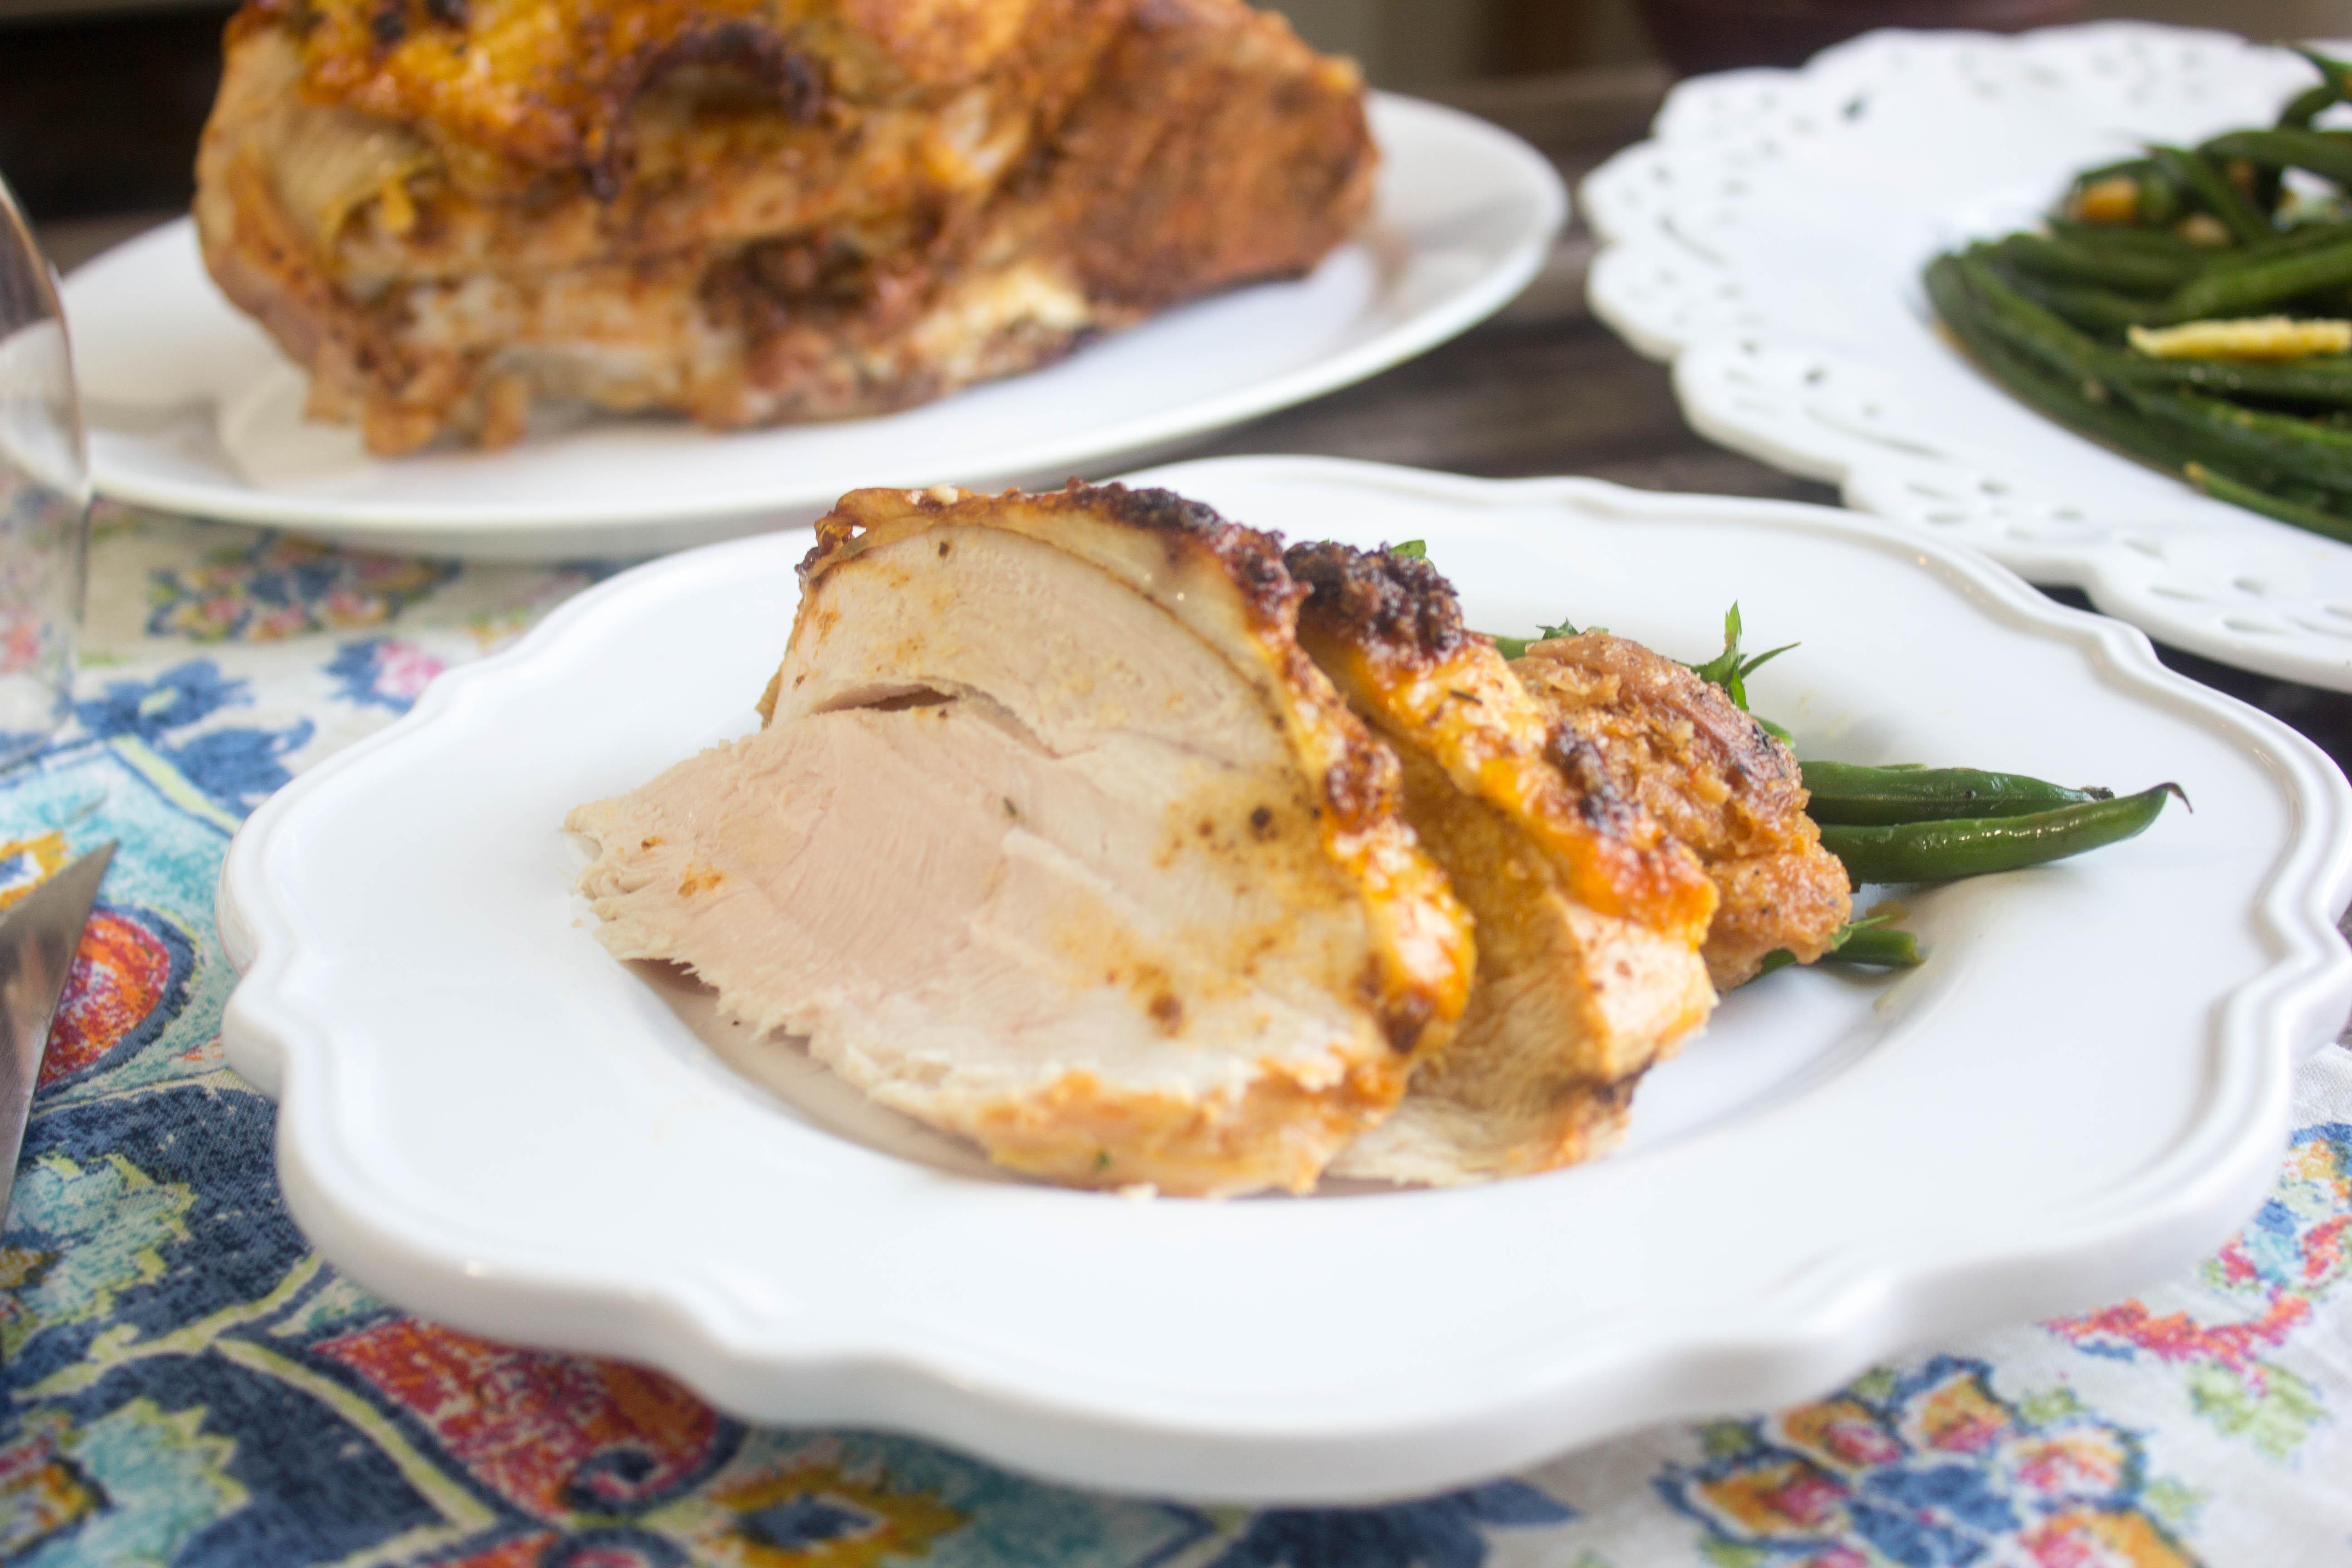 Roasted Spiced Turkey Breast